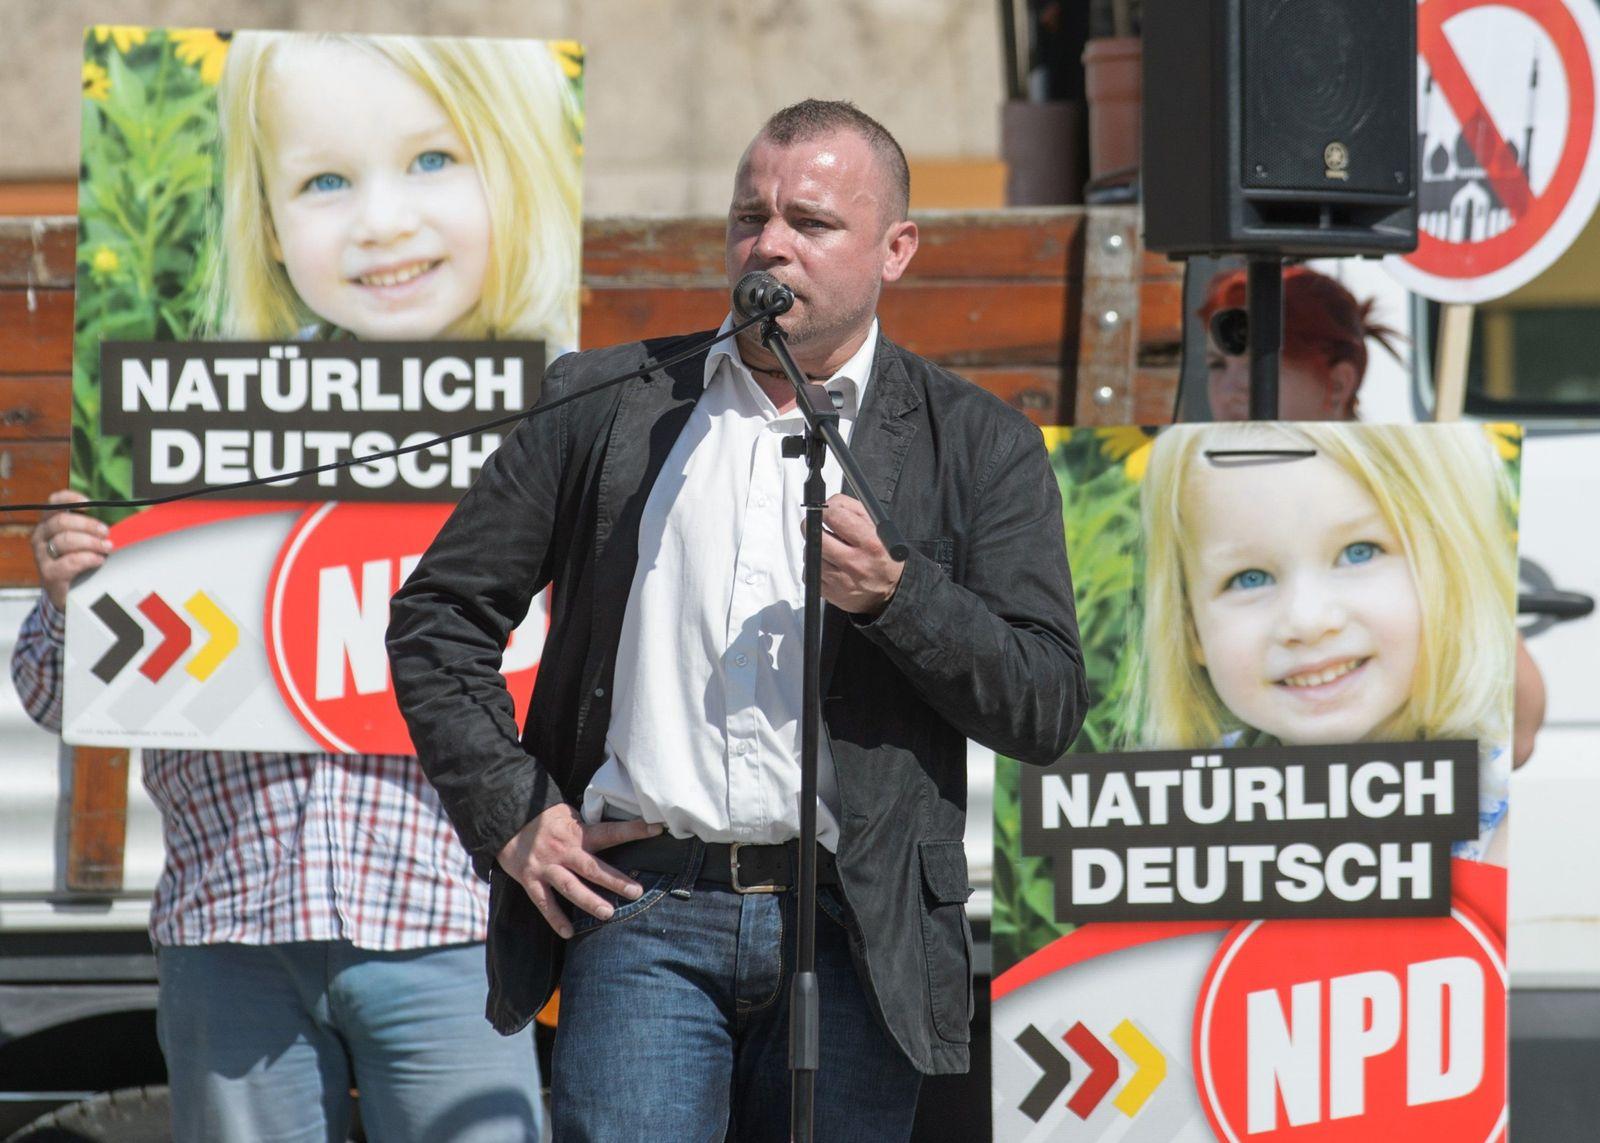 NPD-Wahlkampf und Gegendemonstration in Weimar